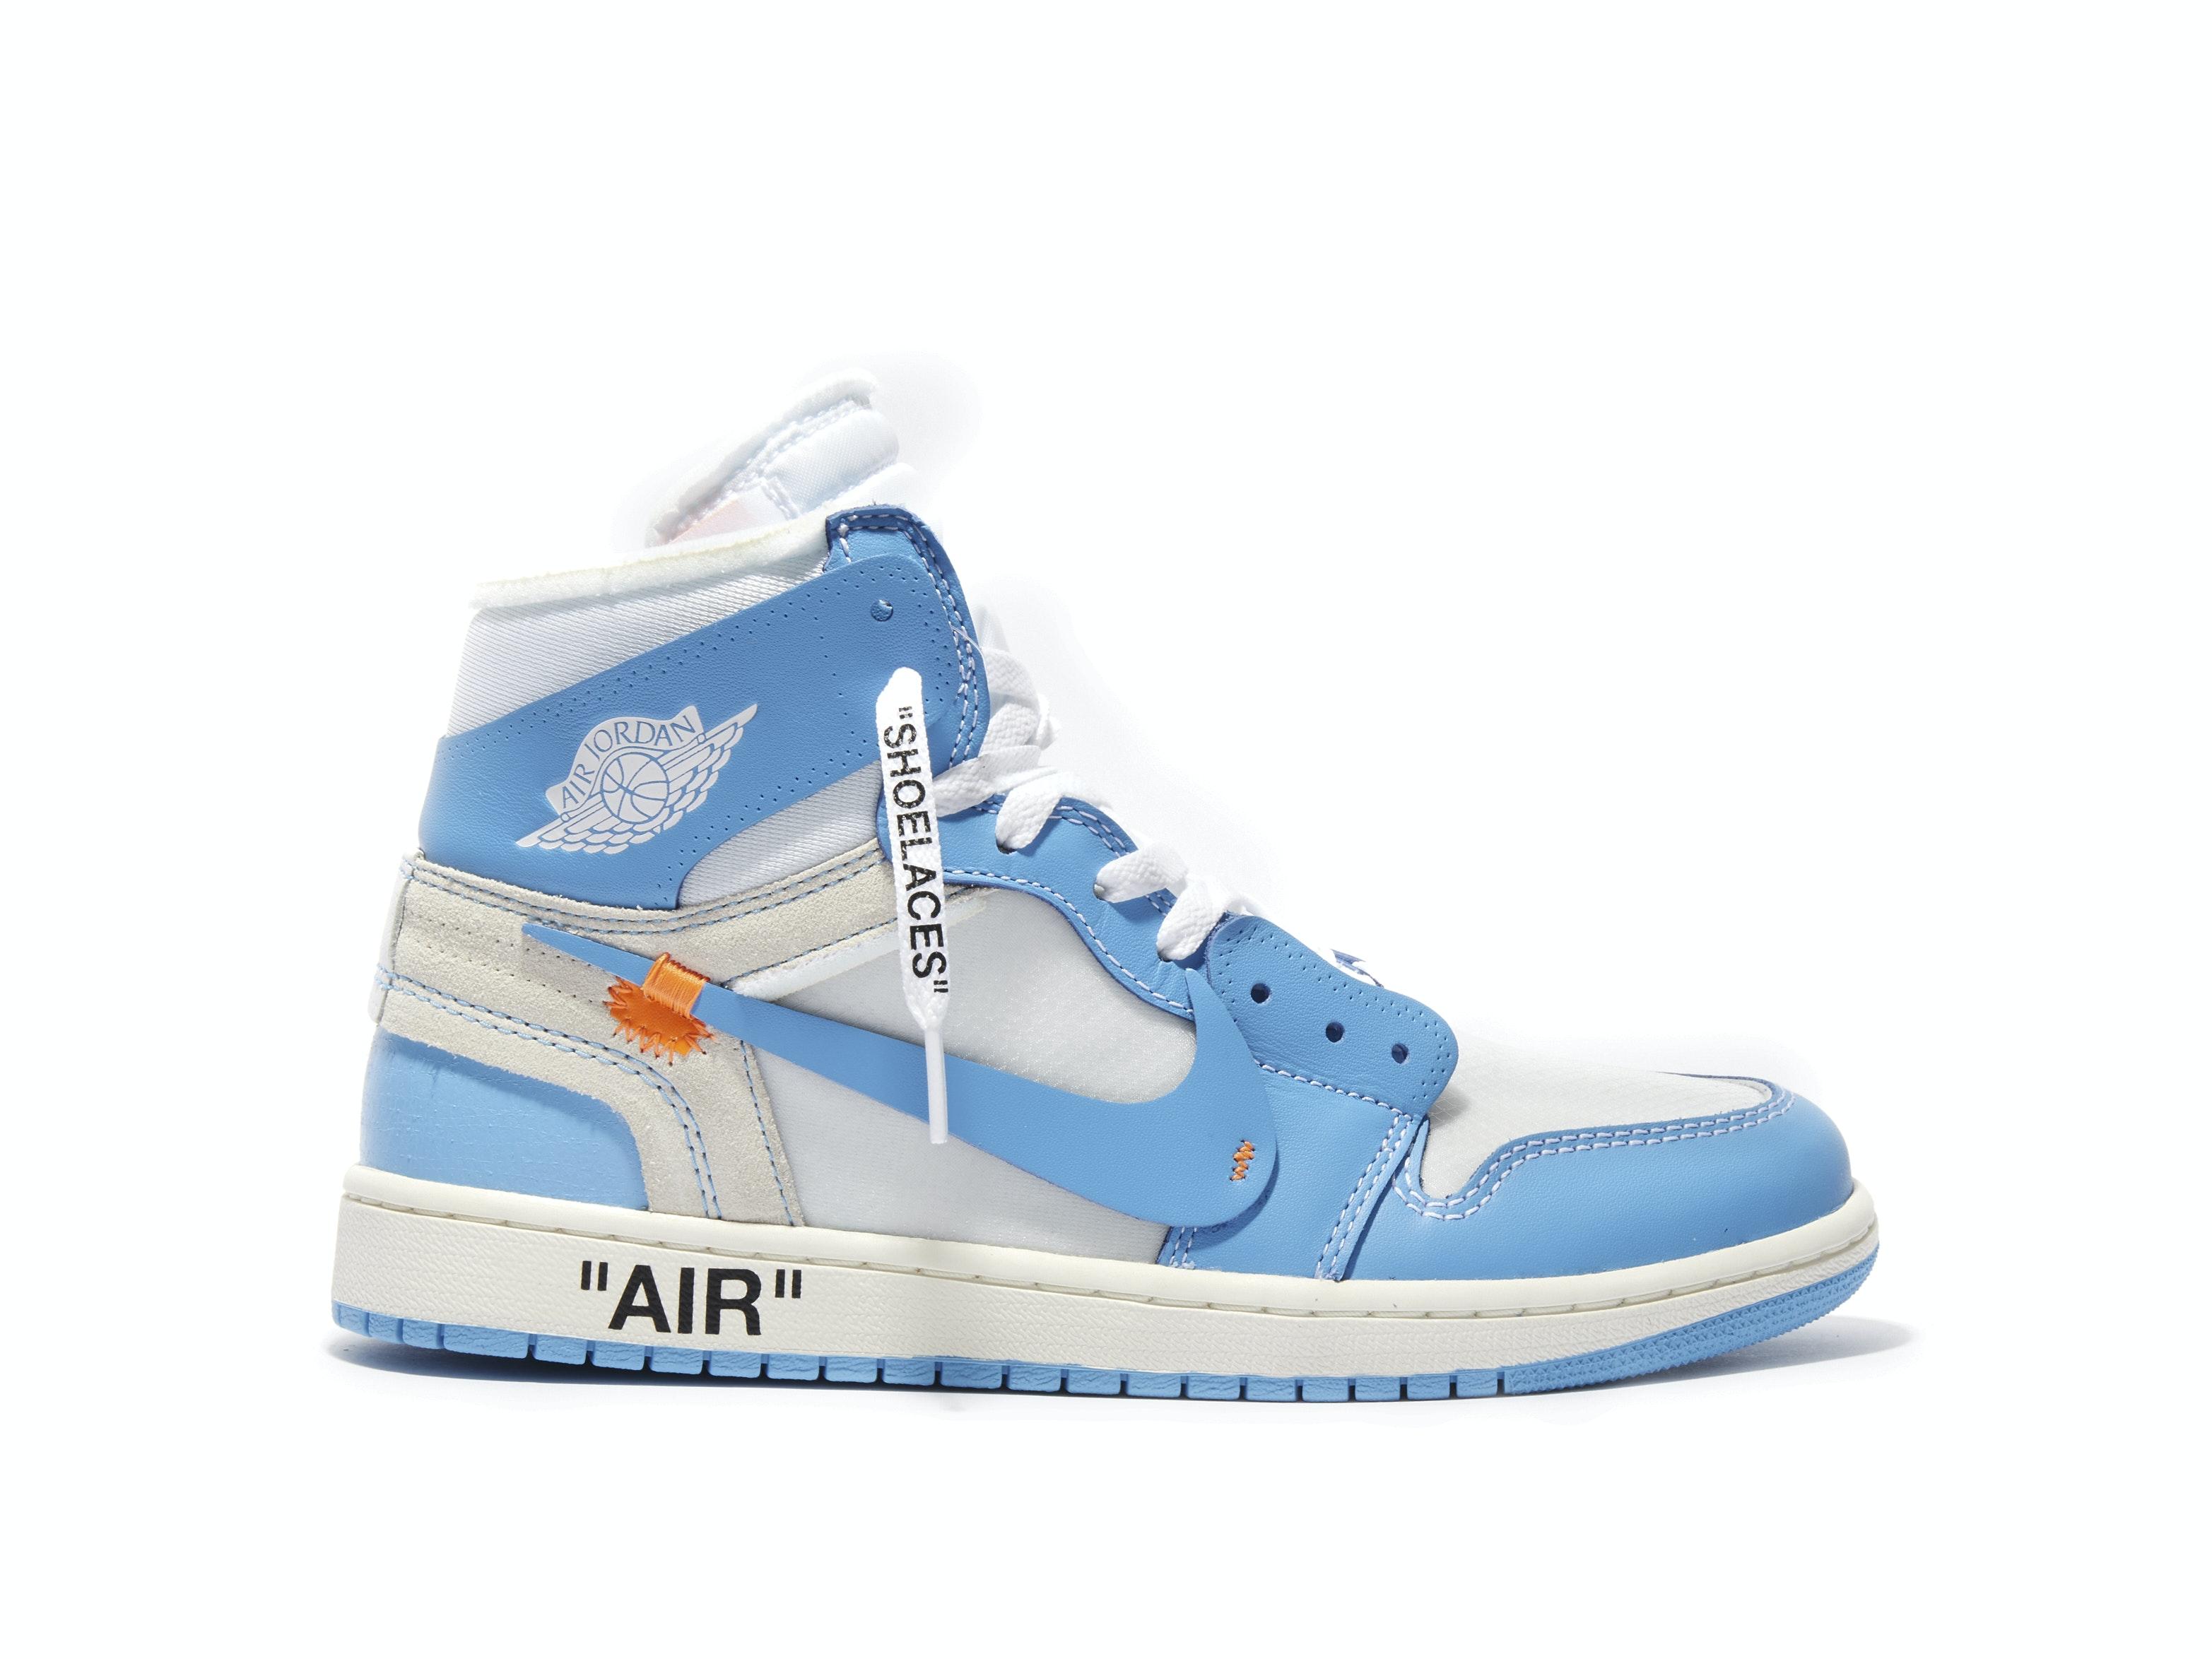 8a27980b5a6542 Air Jordan 1 Retro High UNC x Off-White. 100% AuthenticAvg ...